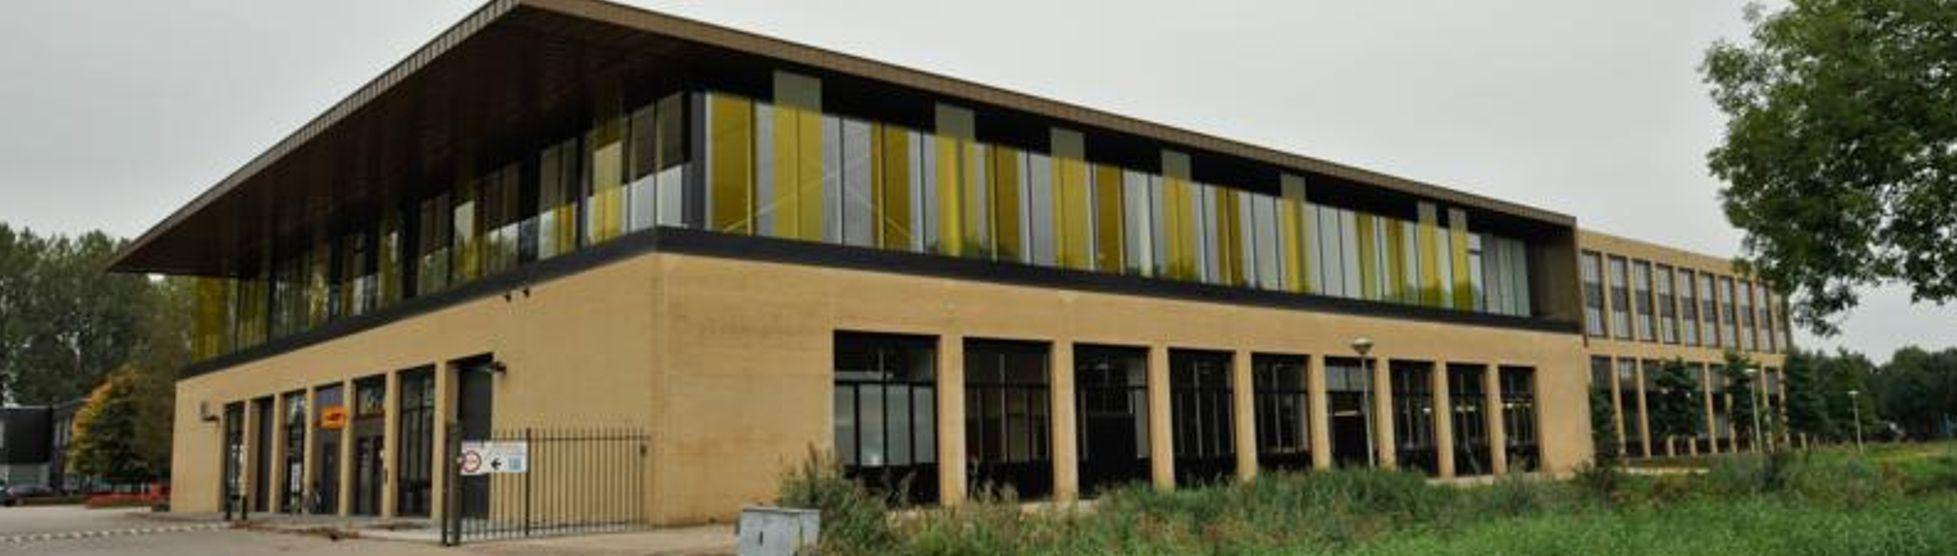 Pieter Zandt Scholengemeenschap, Kampen